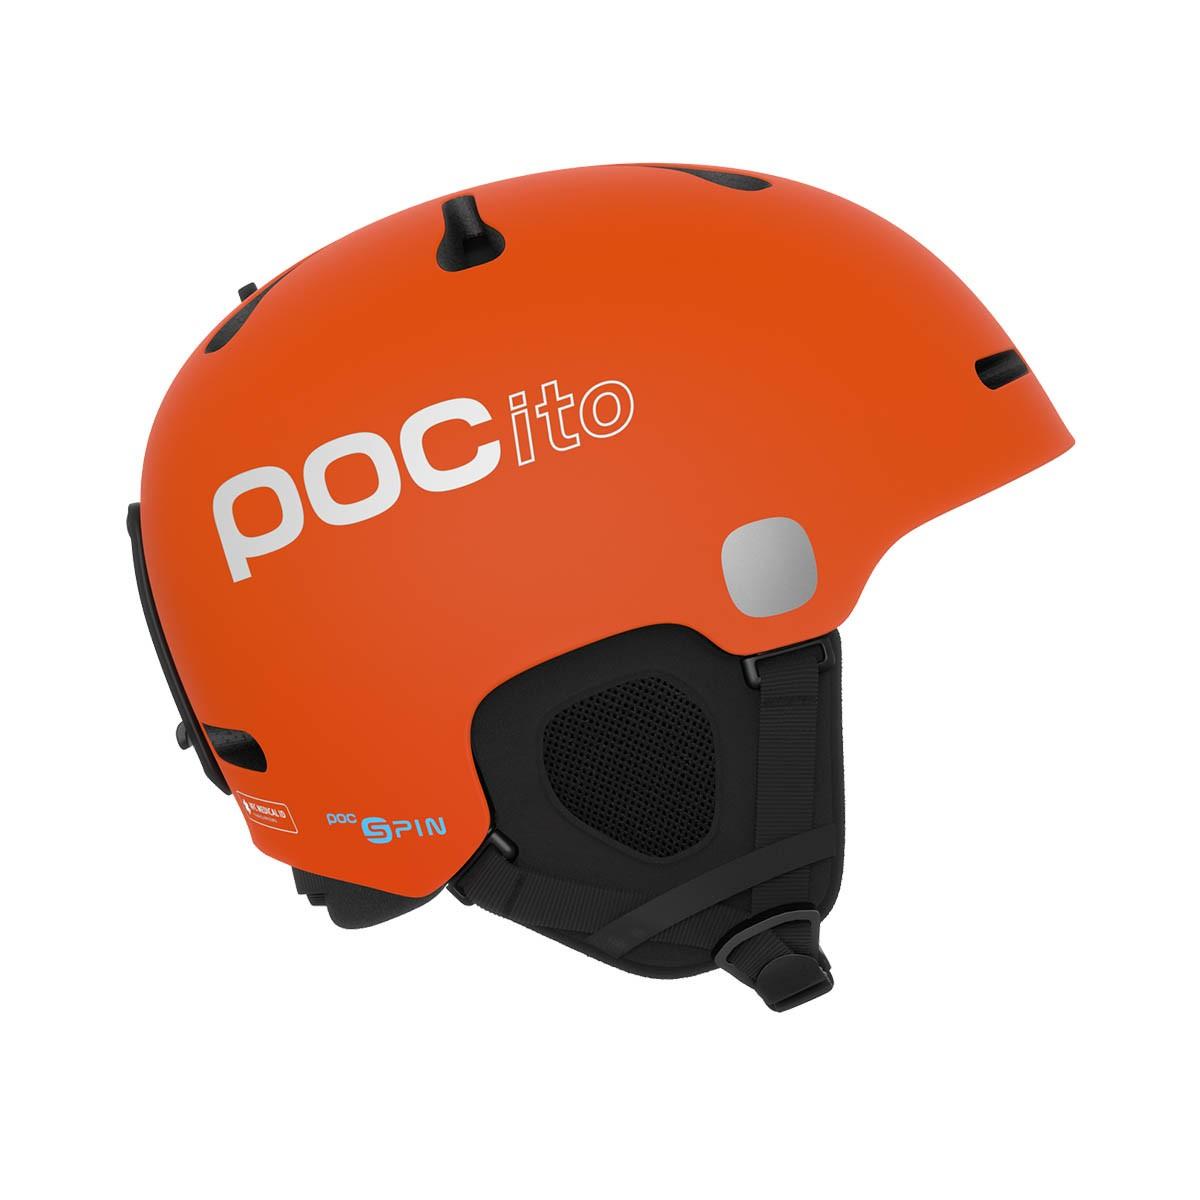 Casco sci Poc Pocito Fornix Spin (Colore: fluorescent orange, Taglia: 5558)